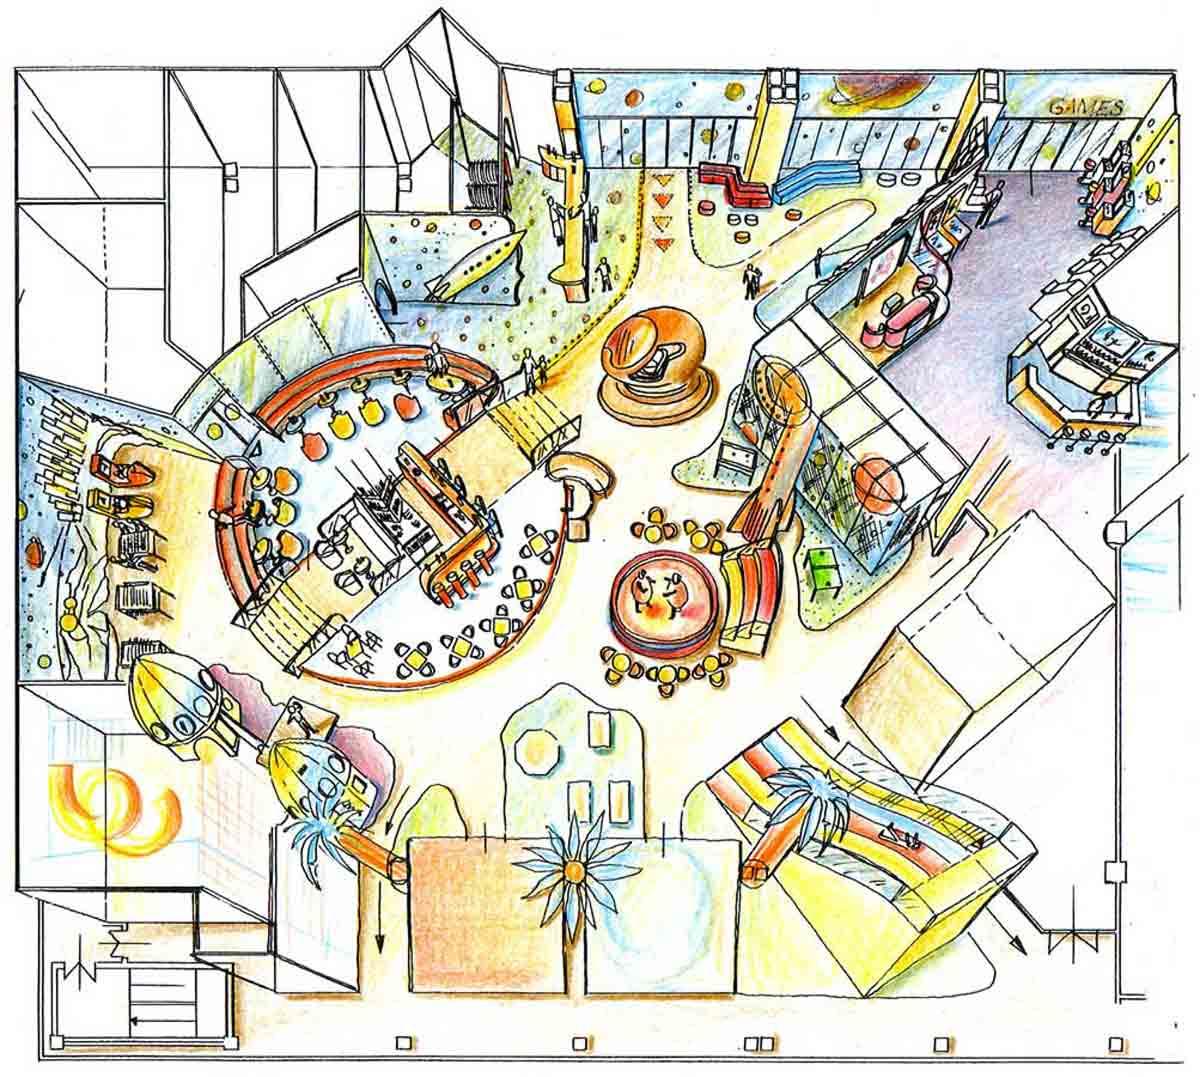 Shopping Center Astana - Vogelperspektive - Kinder Spielhalle in der Raum Ausstattung Design Planung von Milo